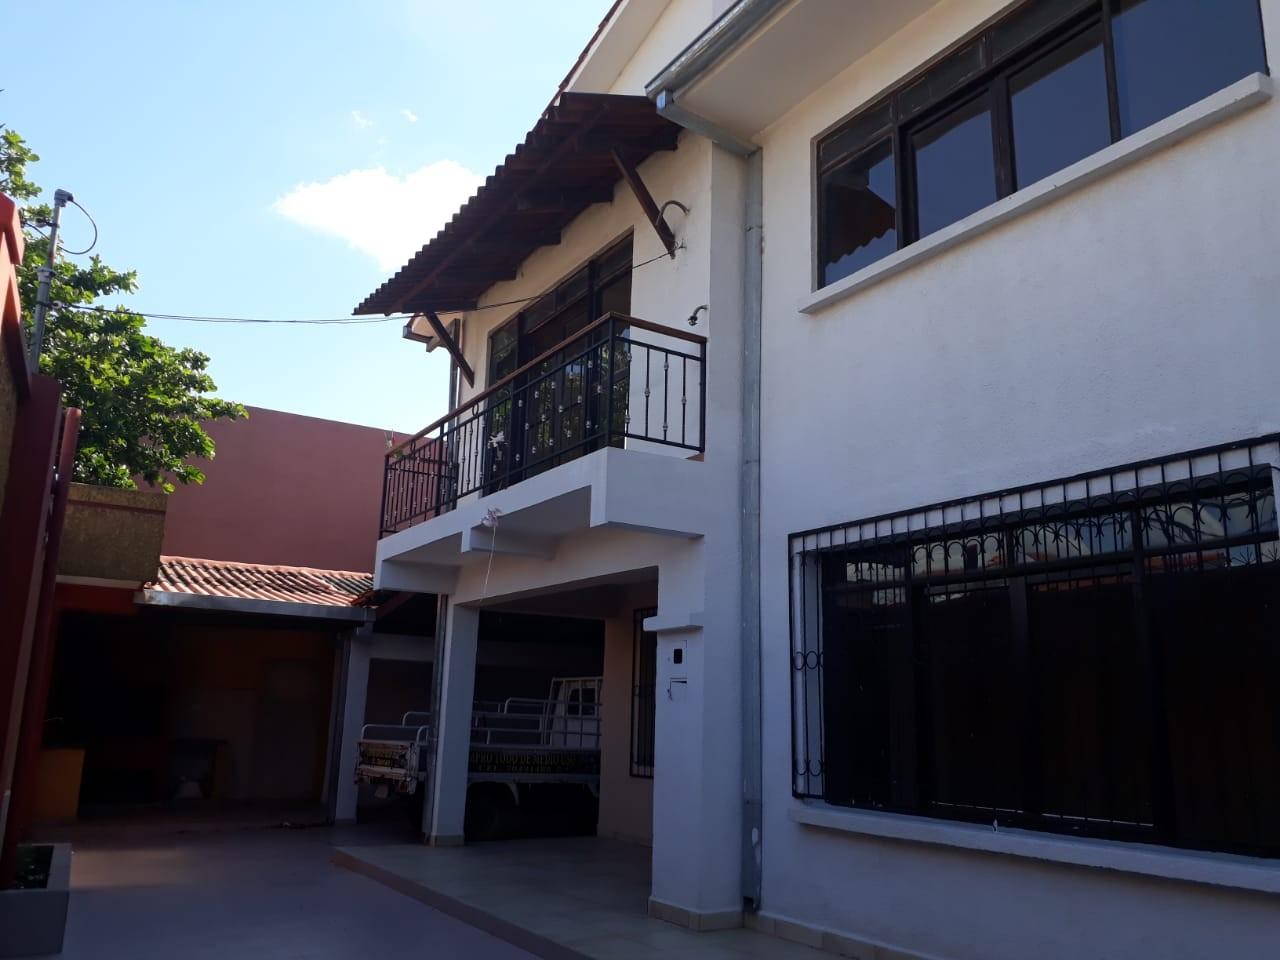 Casa en Alquiler Zona Este Av. Roca Coronado 2do Anillo Foto 1